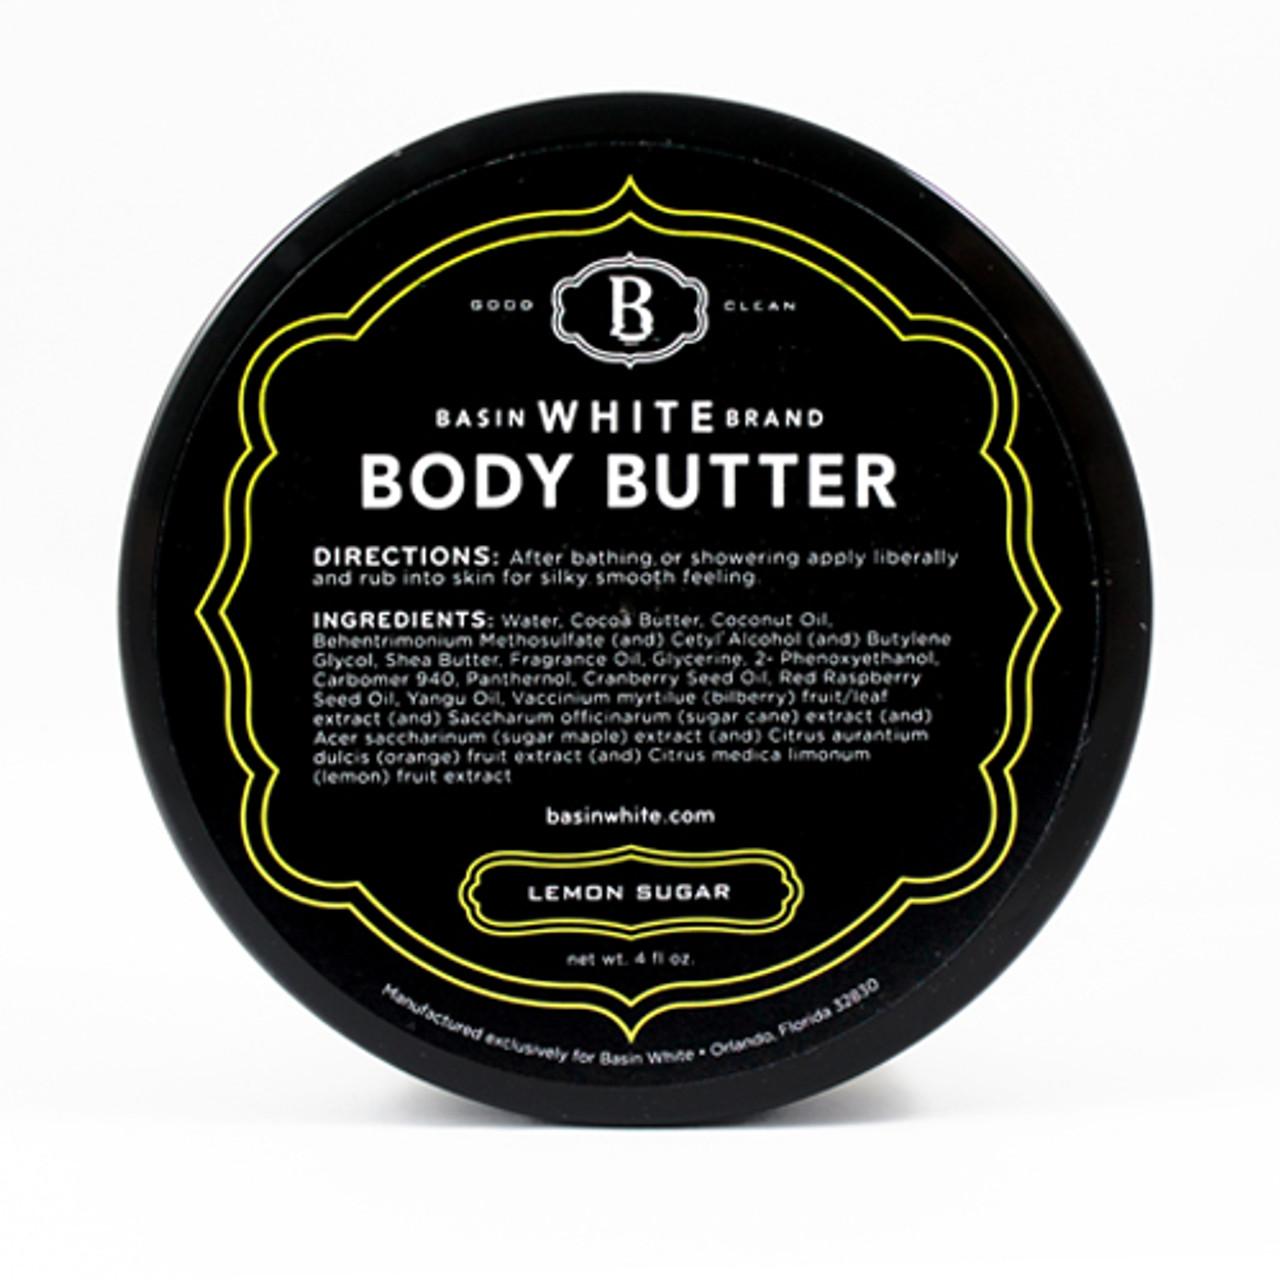 Lemon Sugar Body Butter (Basin White)